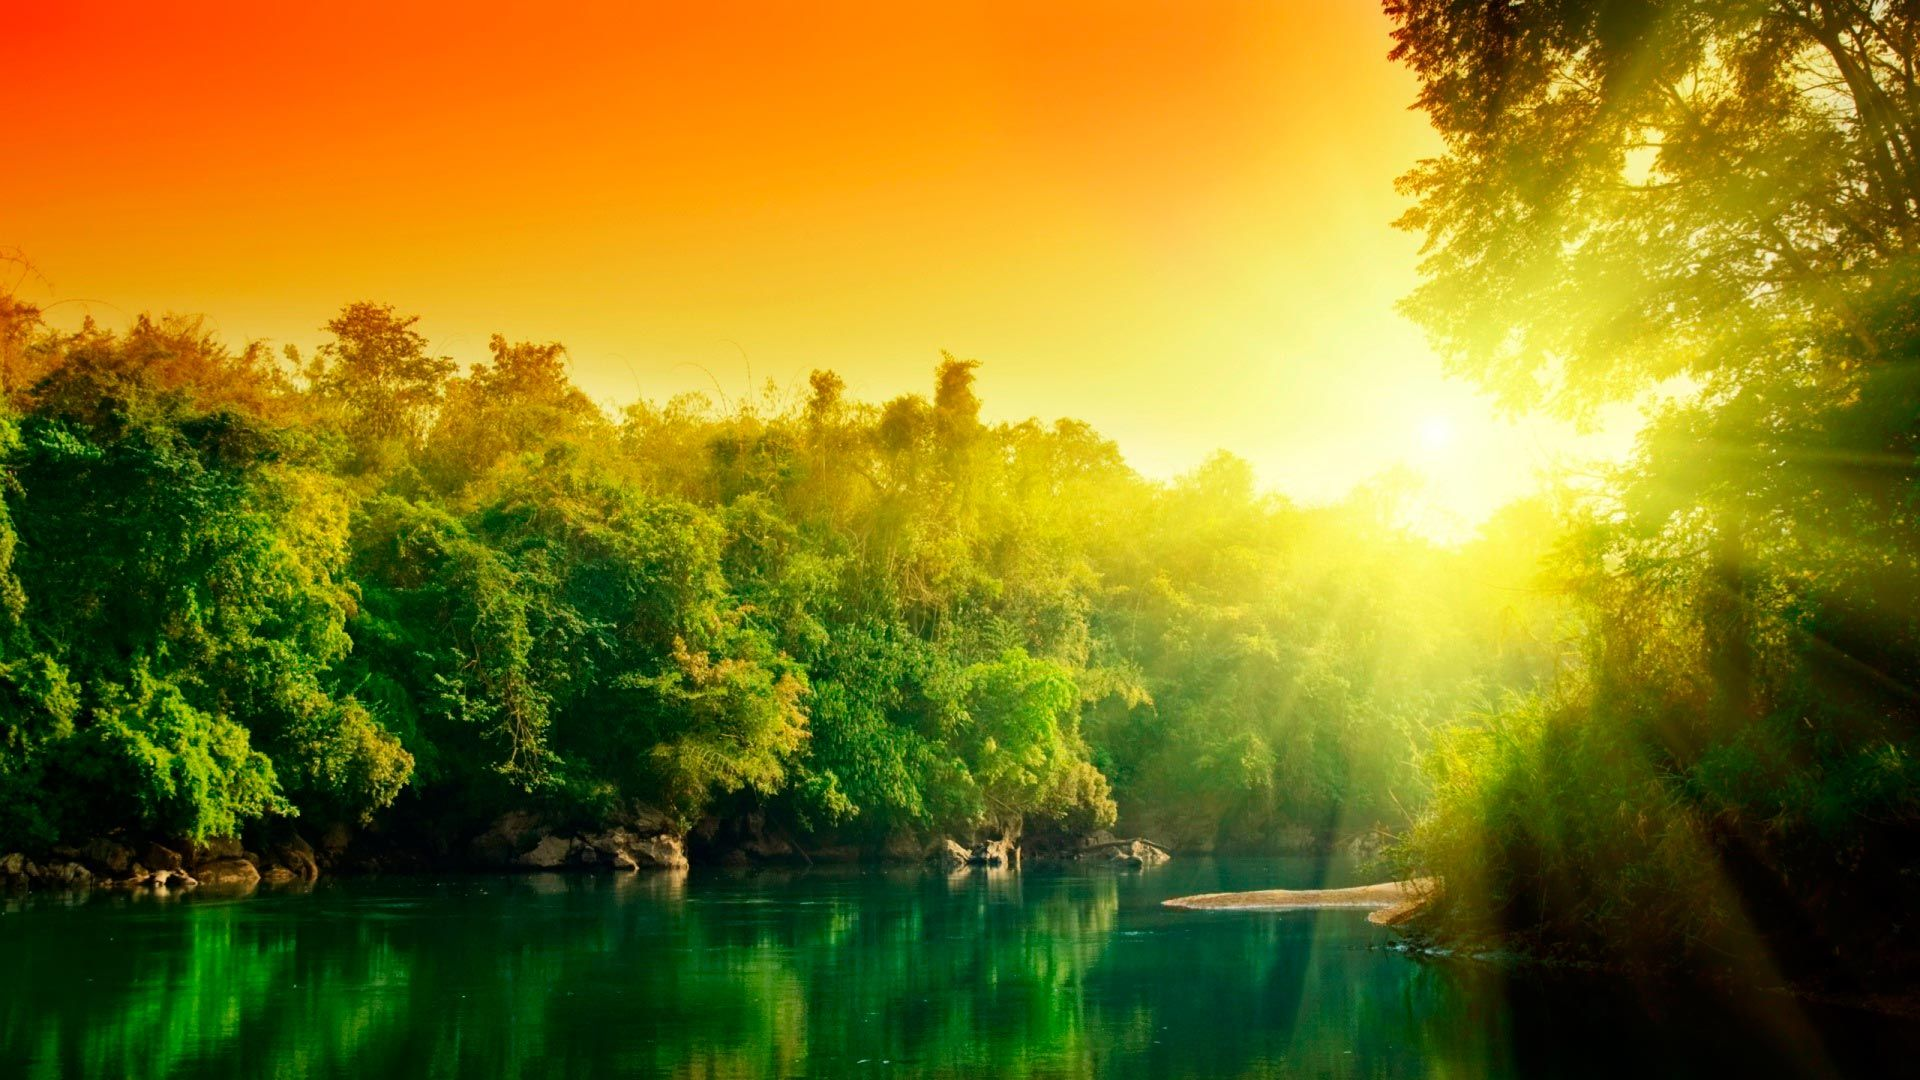 Wallpaper Nature Dawn